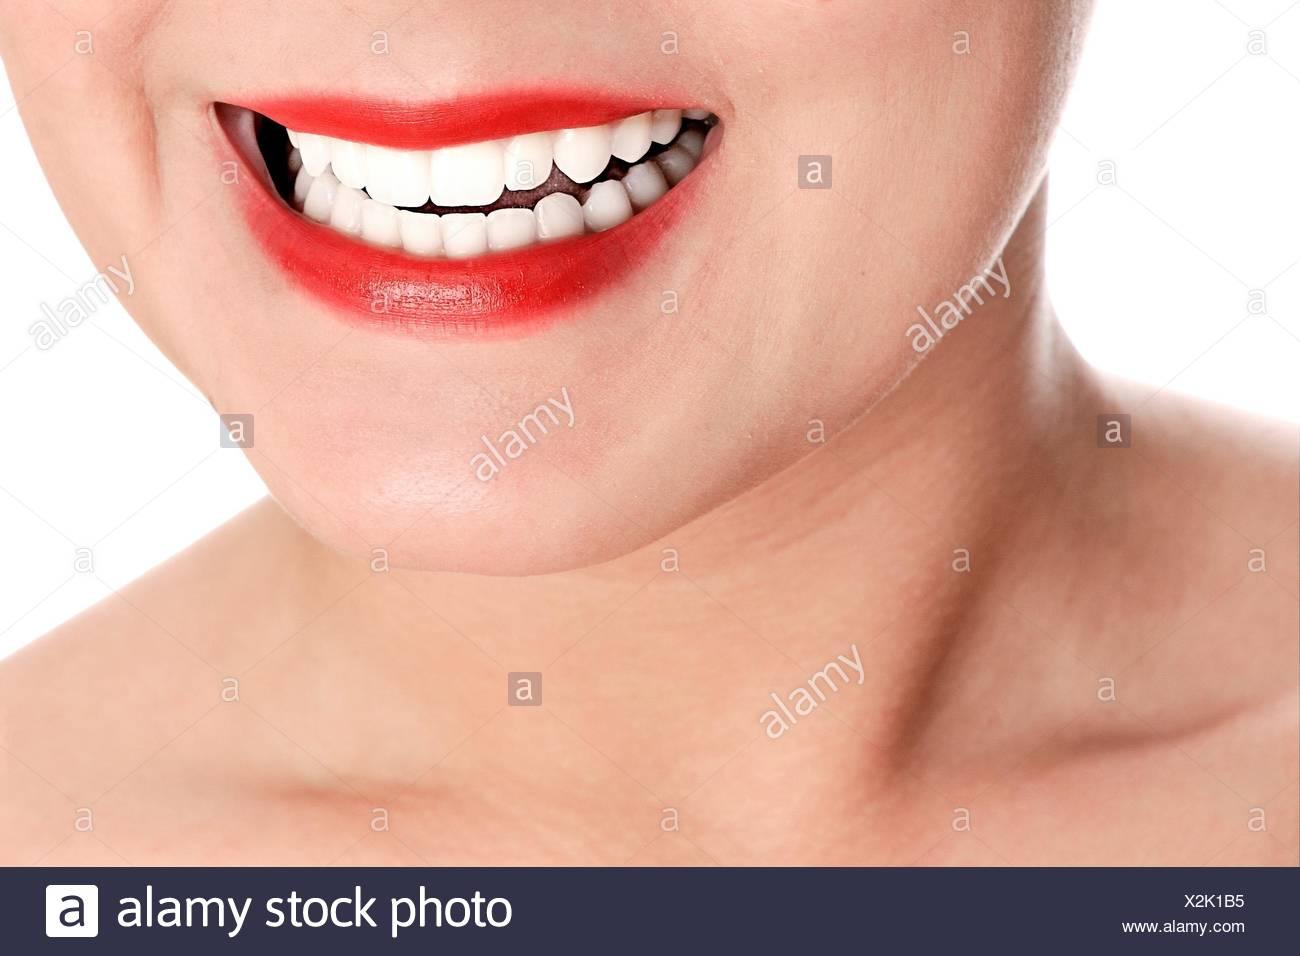 Charmant Anatomie Des Mundes Und Des Zahnfleischs Zeitgenössisch ...